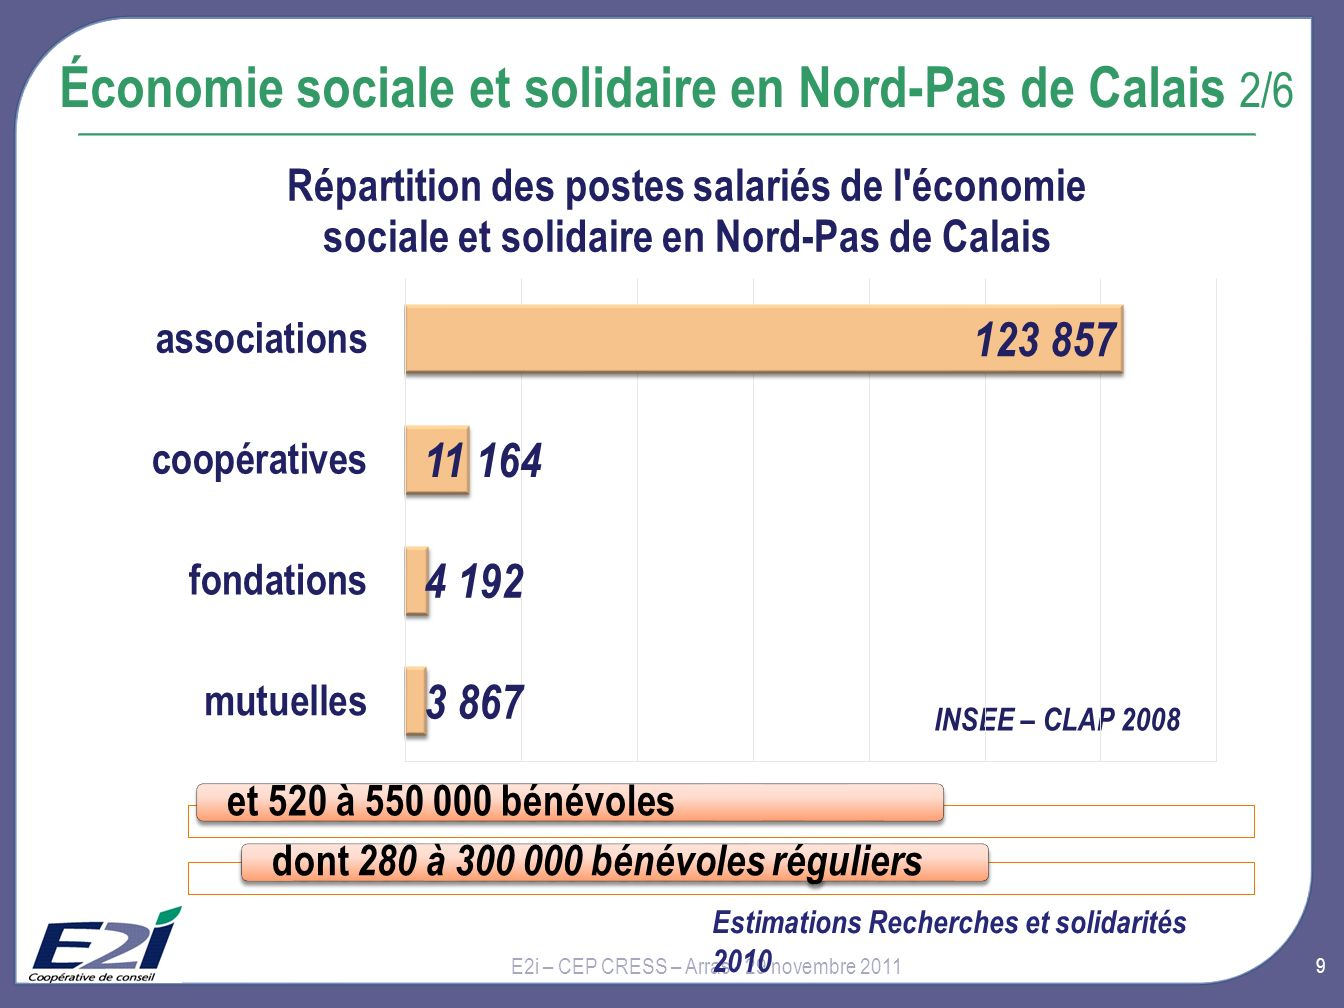 Économie sociale et solidaire en Nord-Pas de Calais 2/6